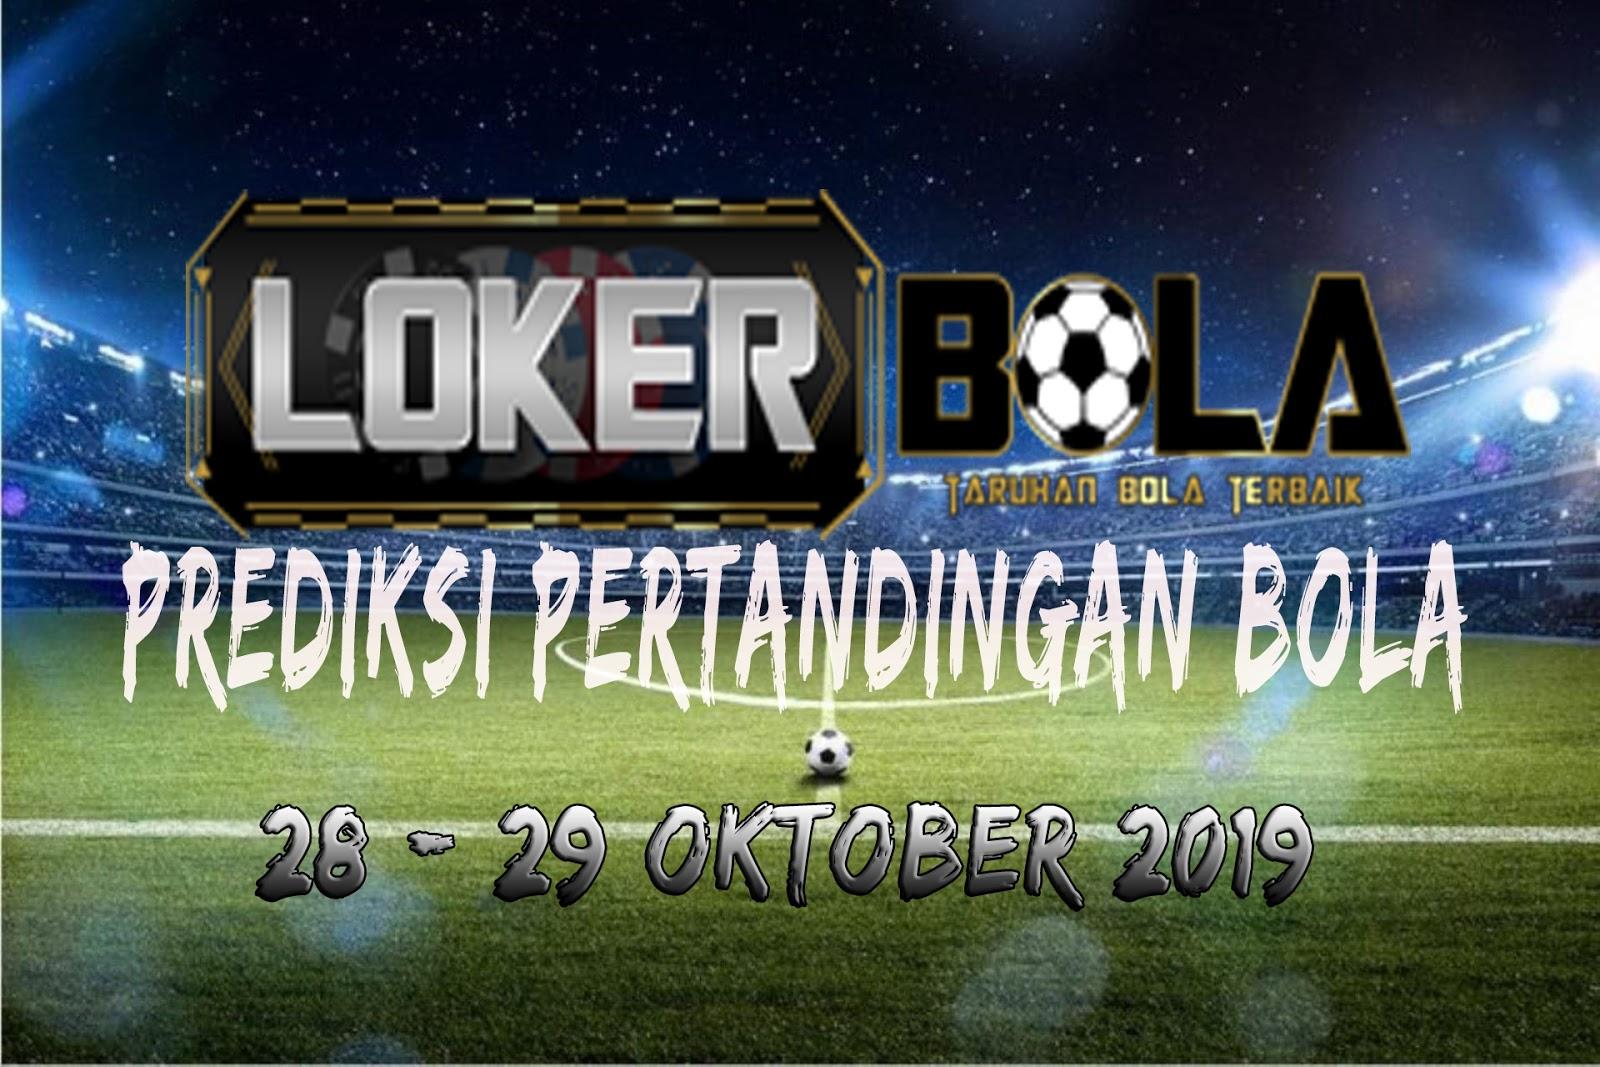 PREDIKSI PERTANDINGAN BOLA 28 – 29 OKTOBER 2019